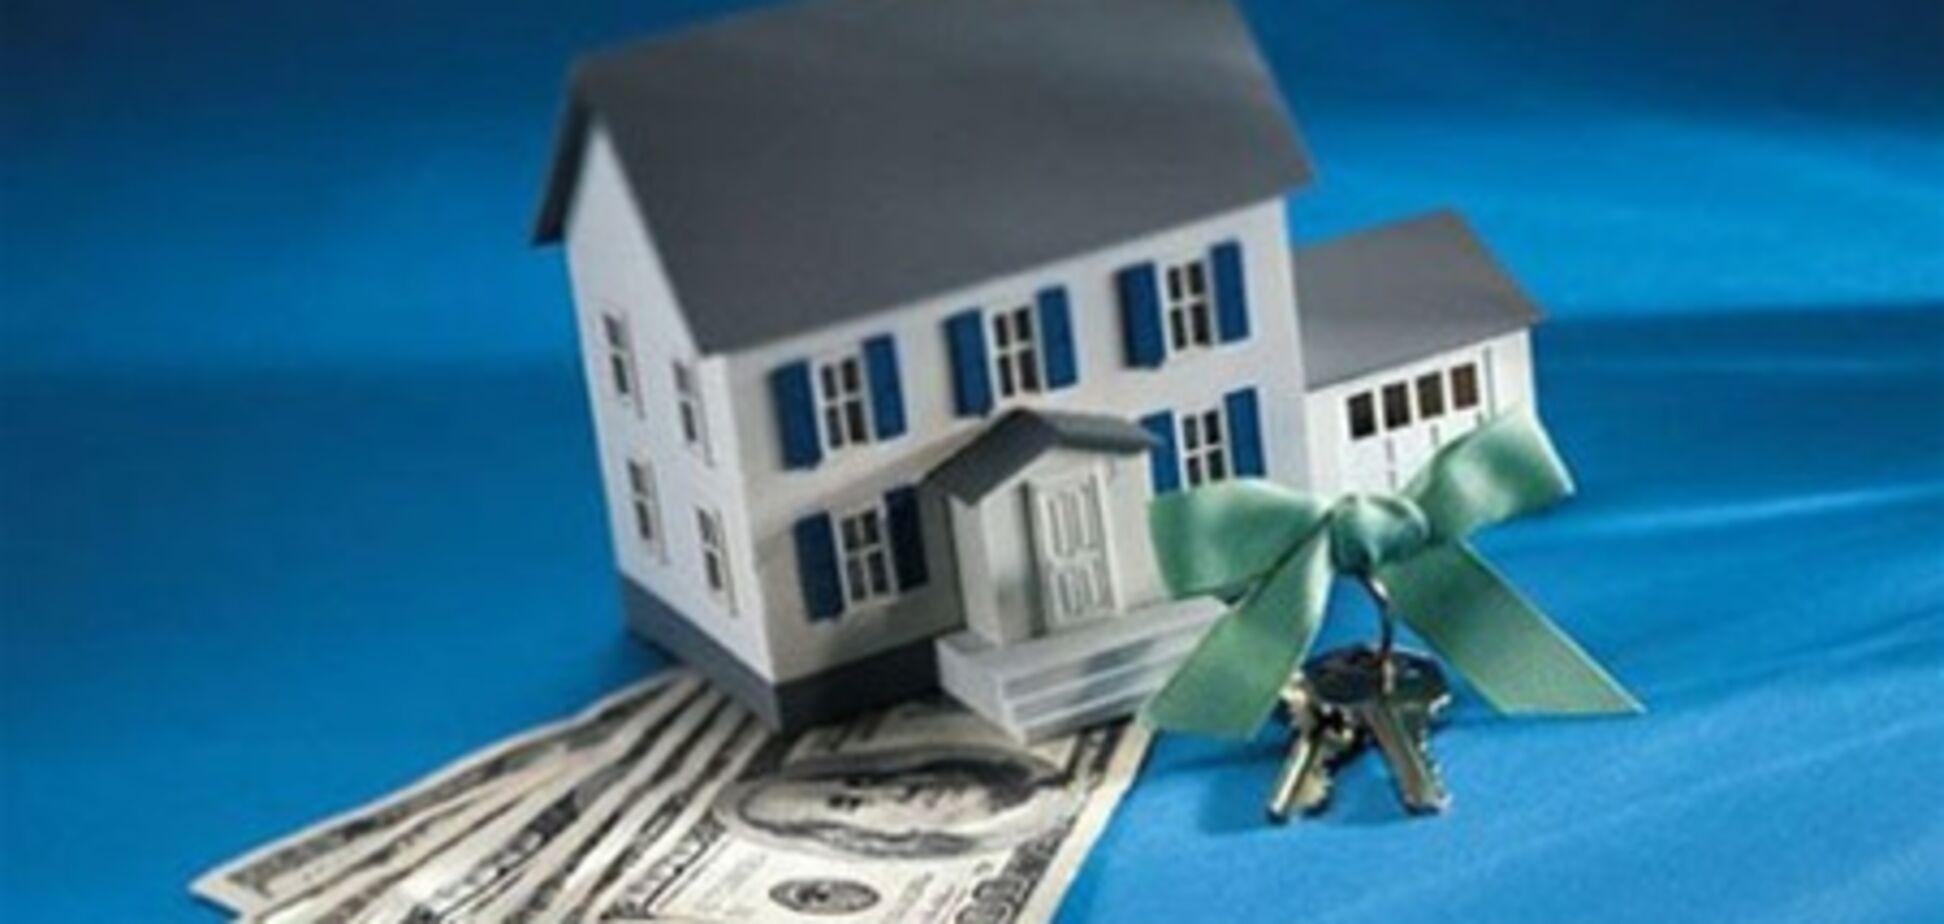 Загородная недвижимость. Как купить и не попасть в аферу